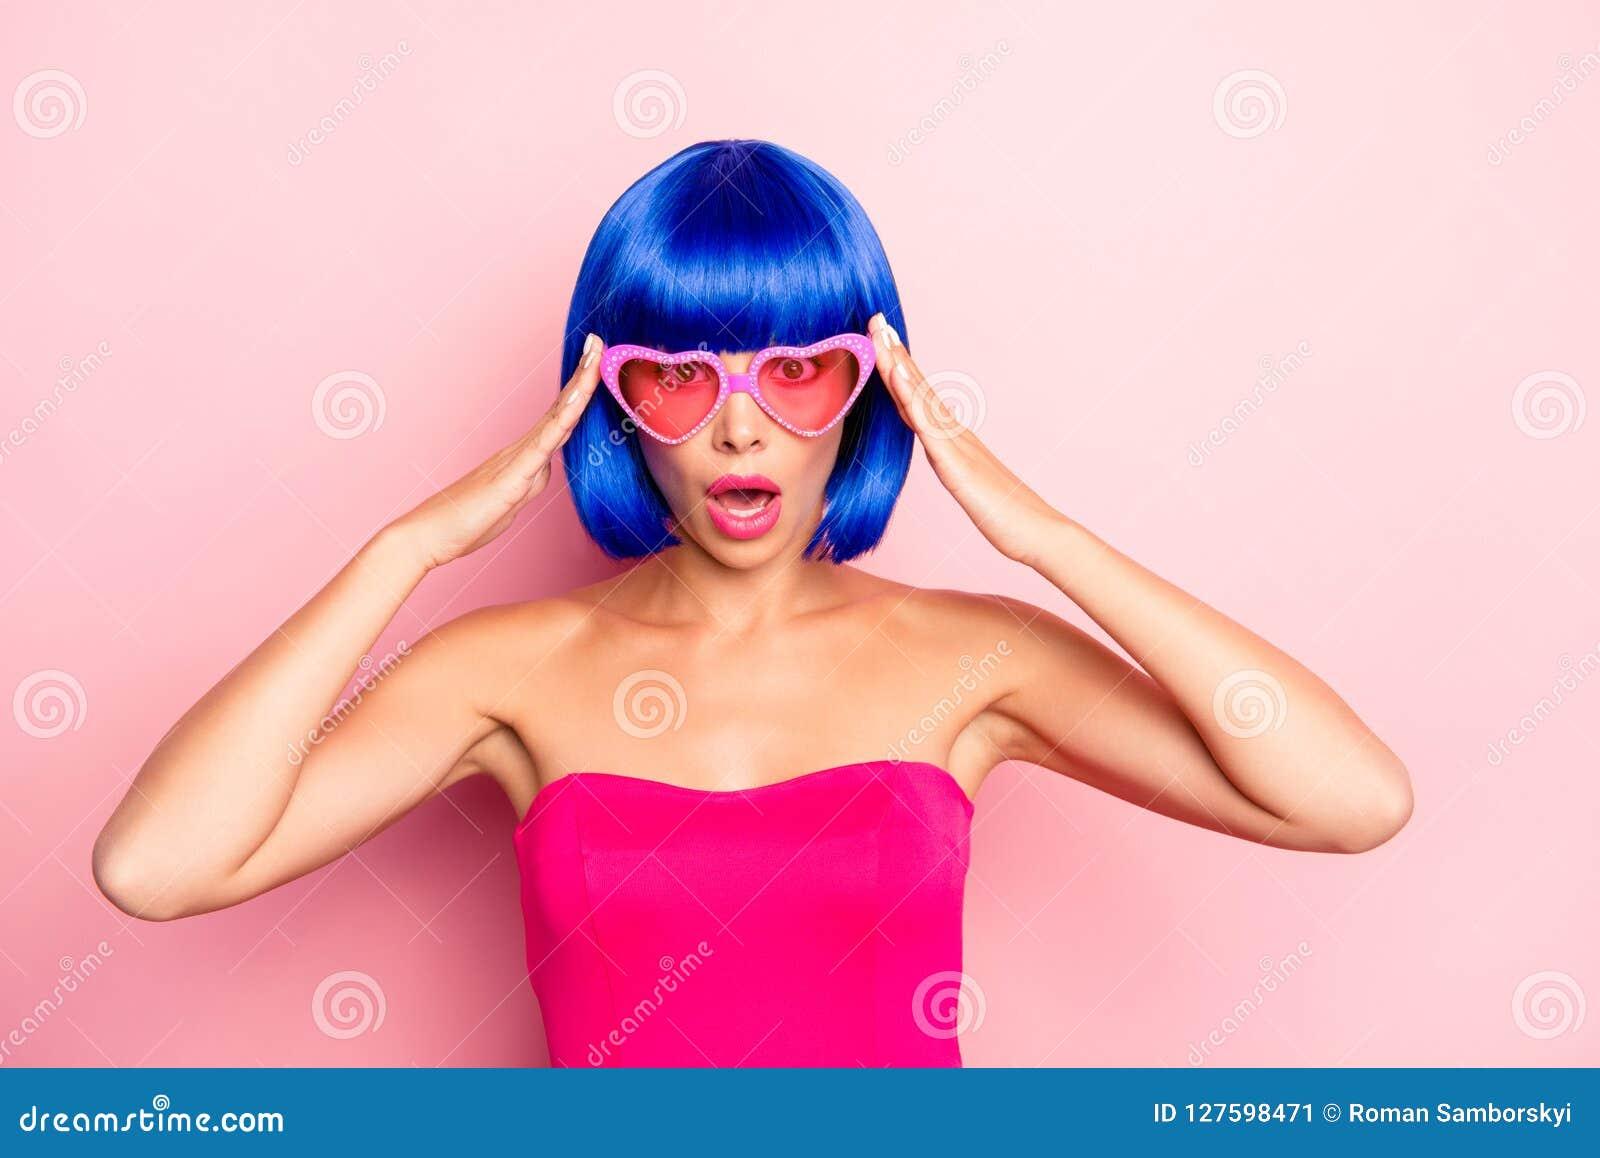 Zamyka w górę fotografia portreta czarować dosyć atrakcyjnej damy w lat szkieł pastelowych menchii tle